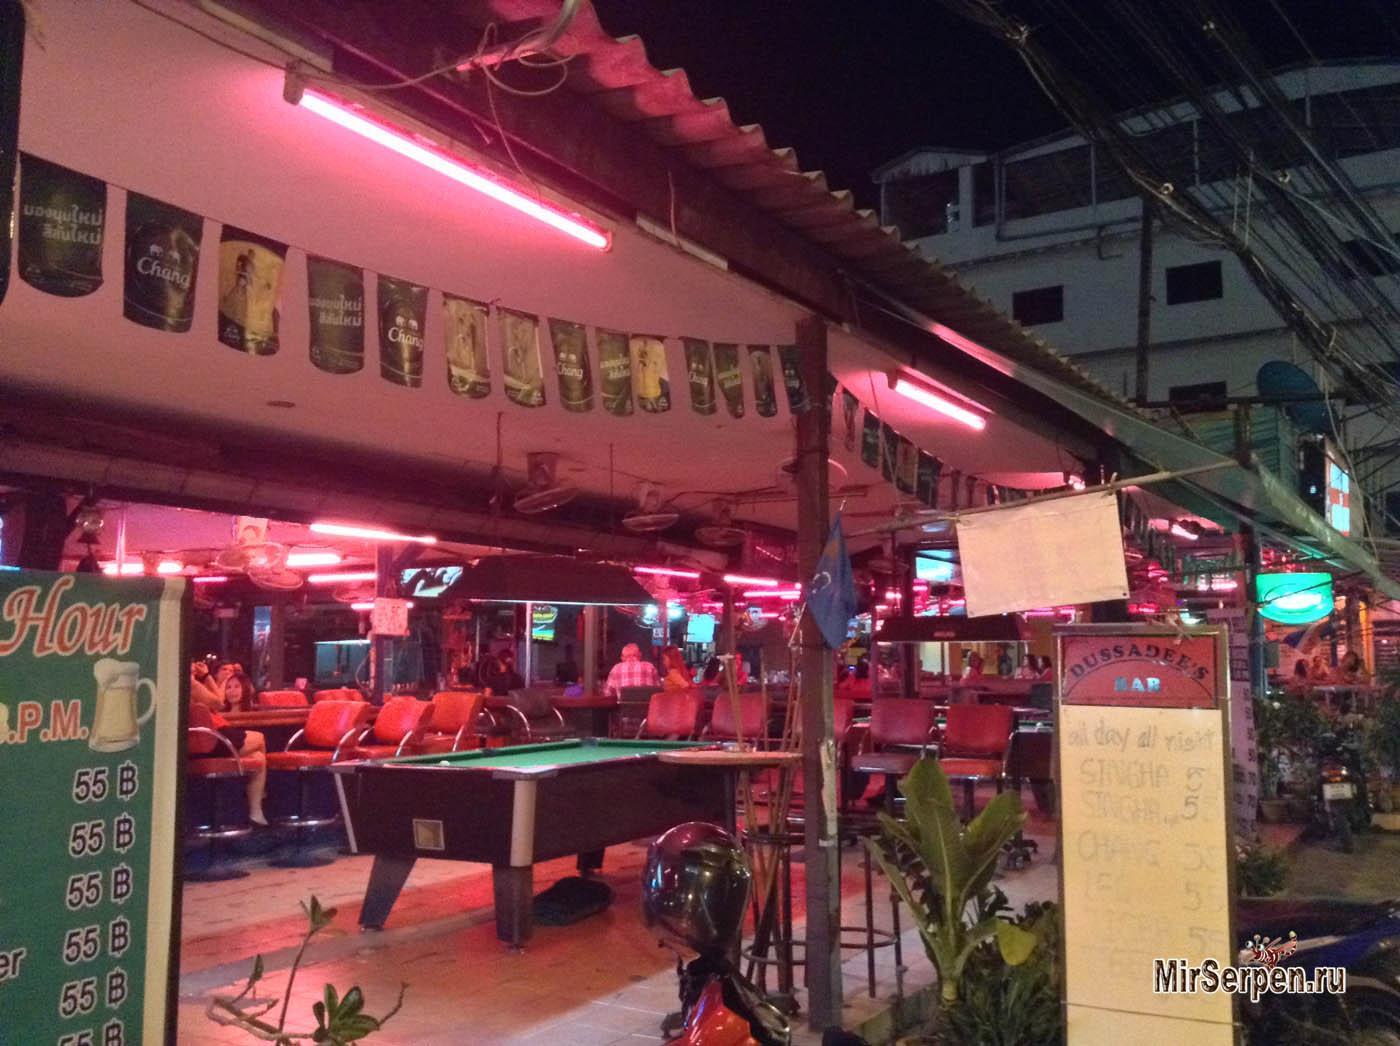 Тайские развлечения: Игра в бильярд